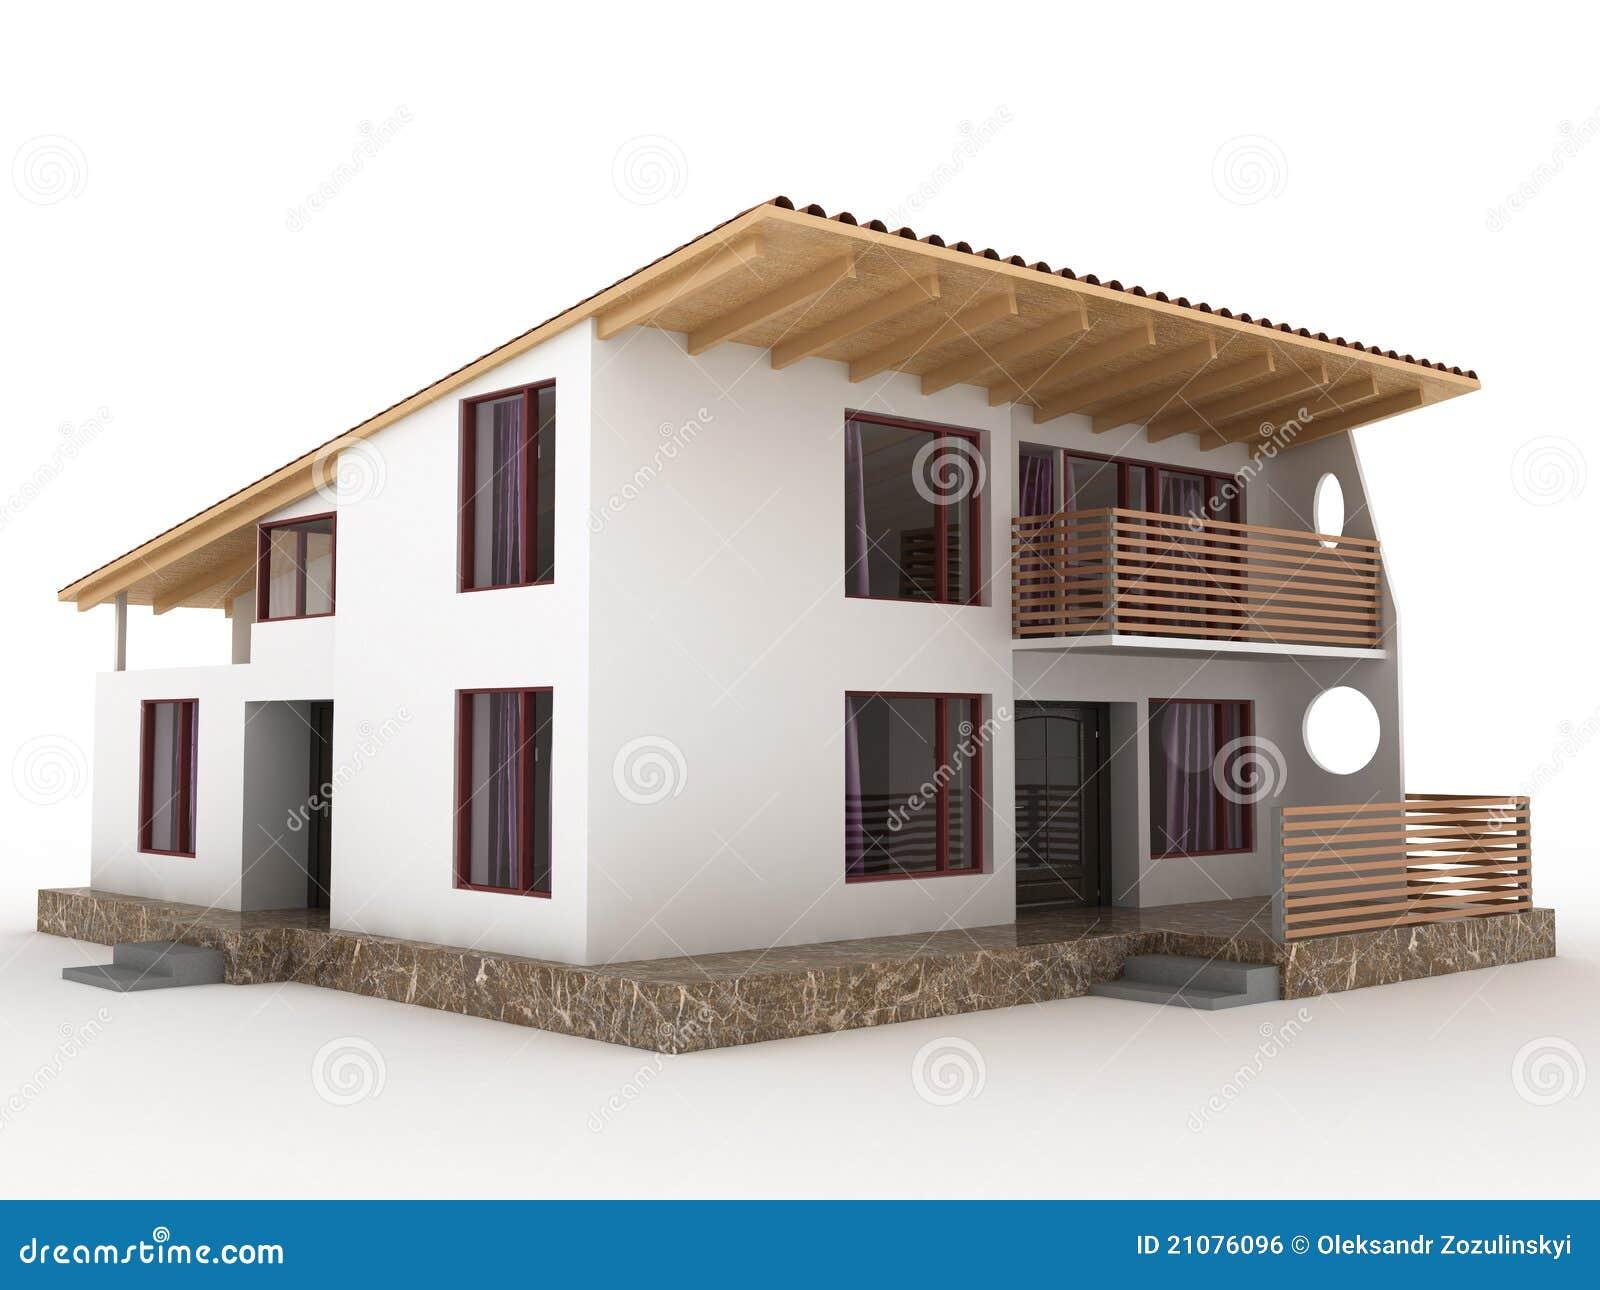 la maison avec le toit en pente 2 image libre de droits image 21076096. Black Bedroom Furniture Sets. Home Design Ideas